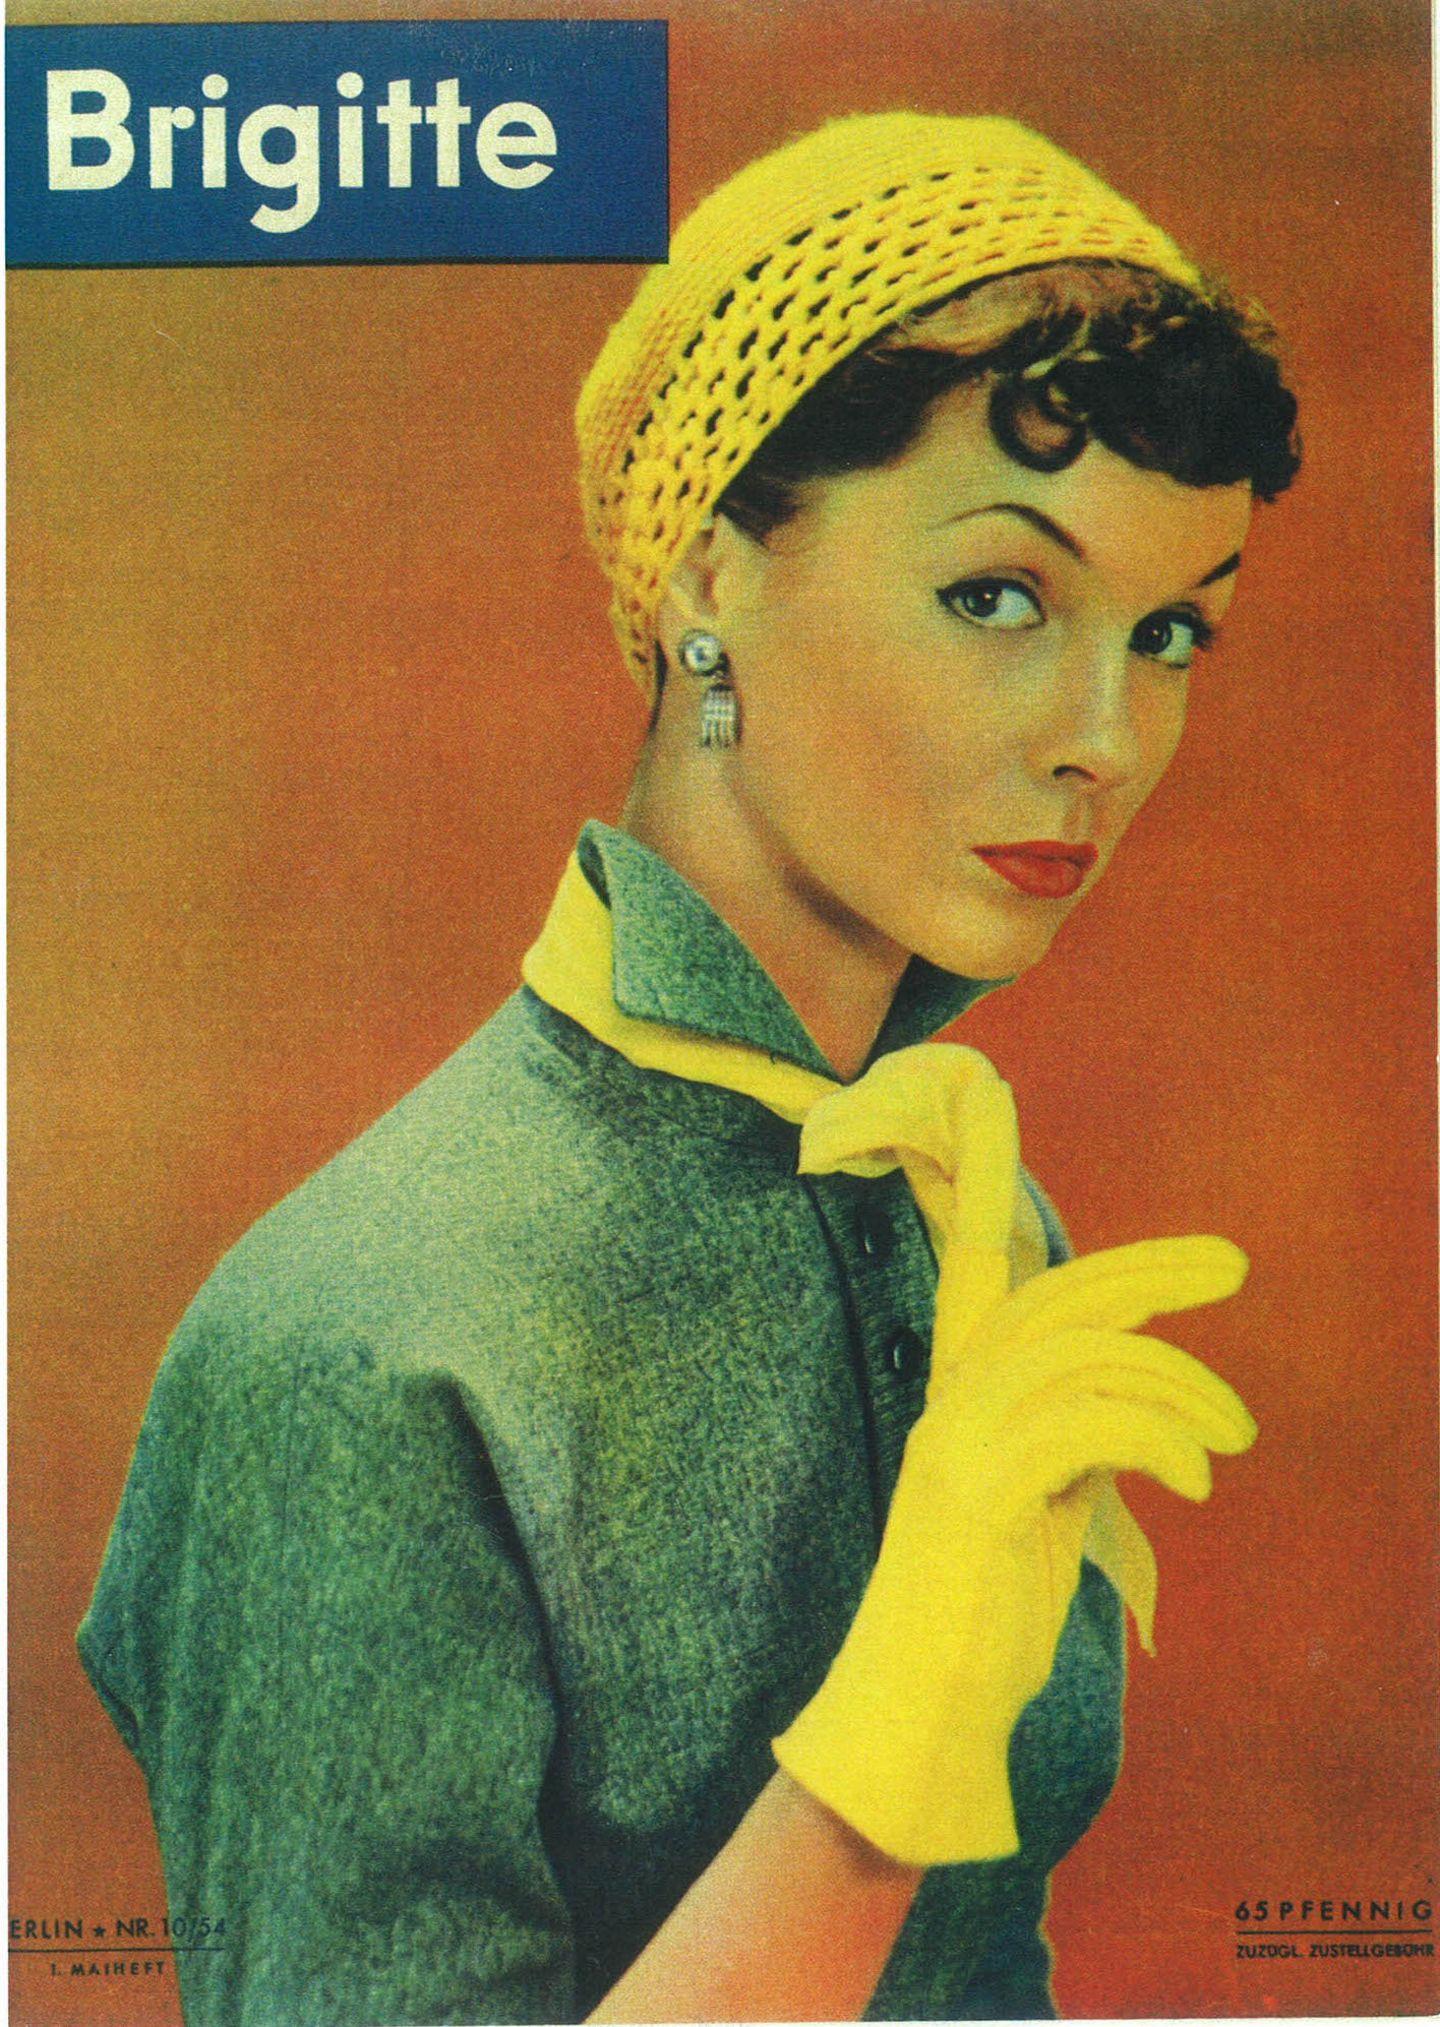 Brigitte Cover 1954